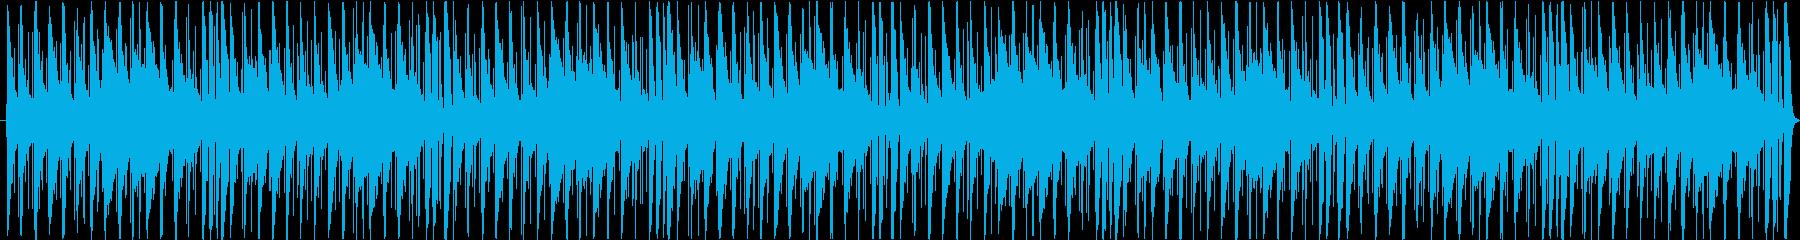 ジャジーなチルホップの再生済みの波形